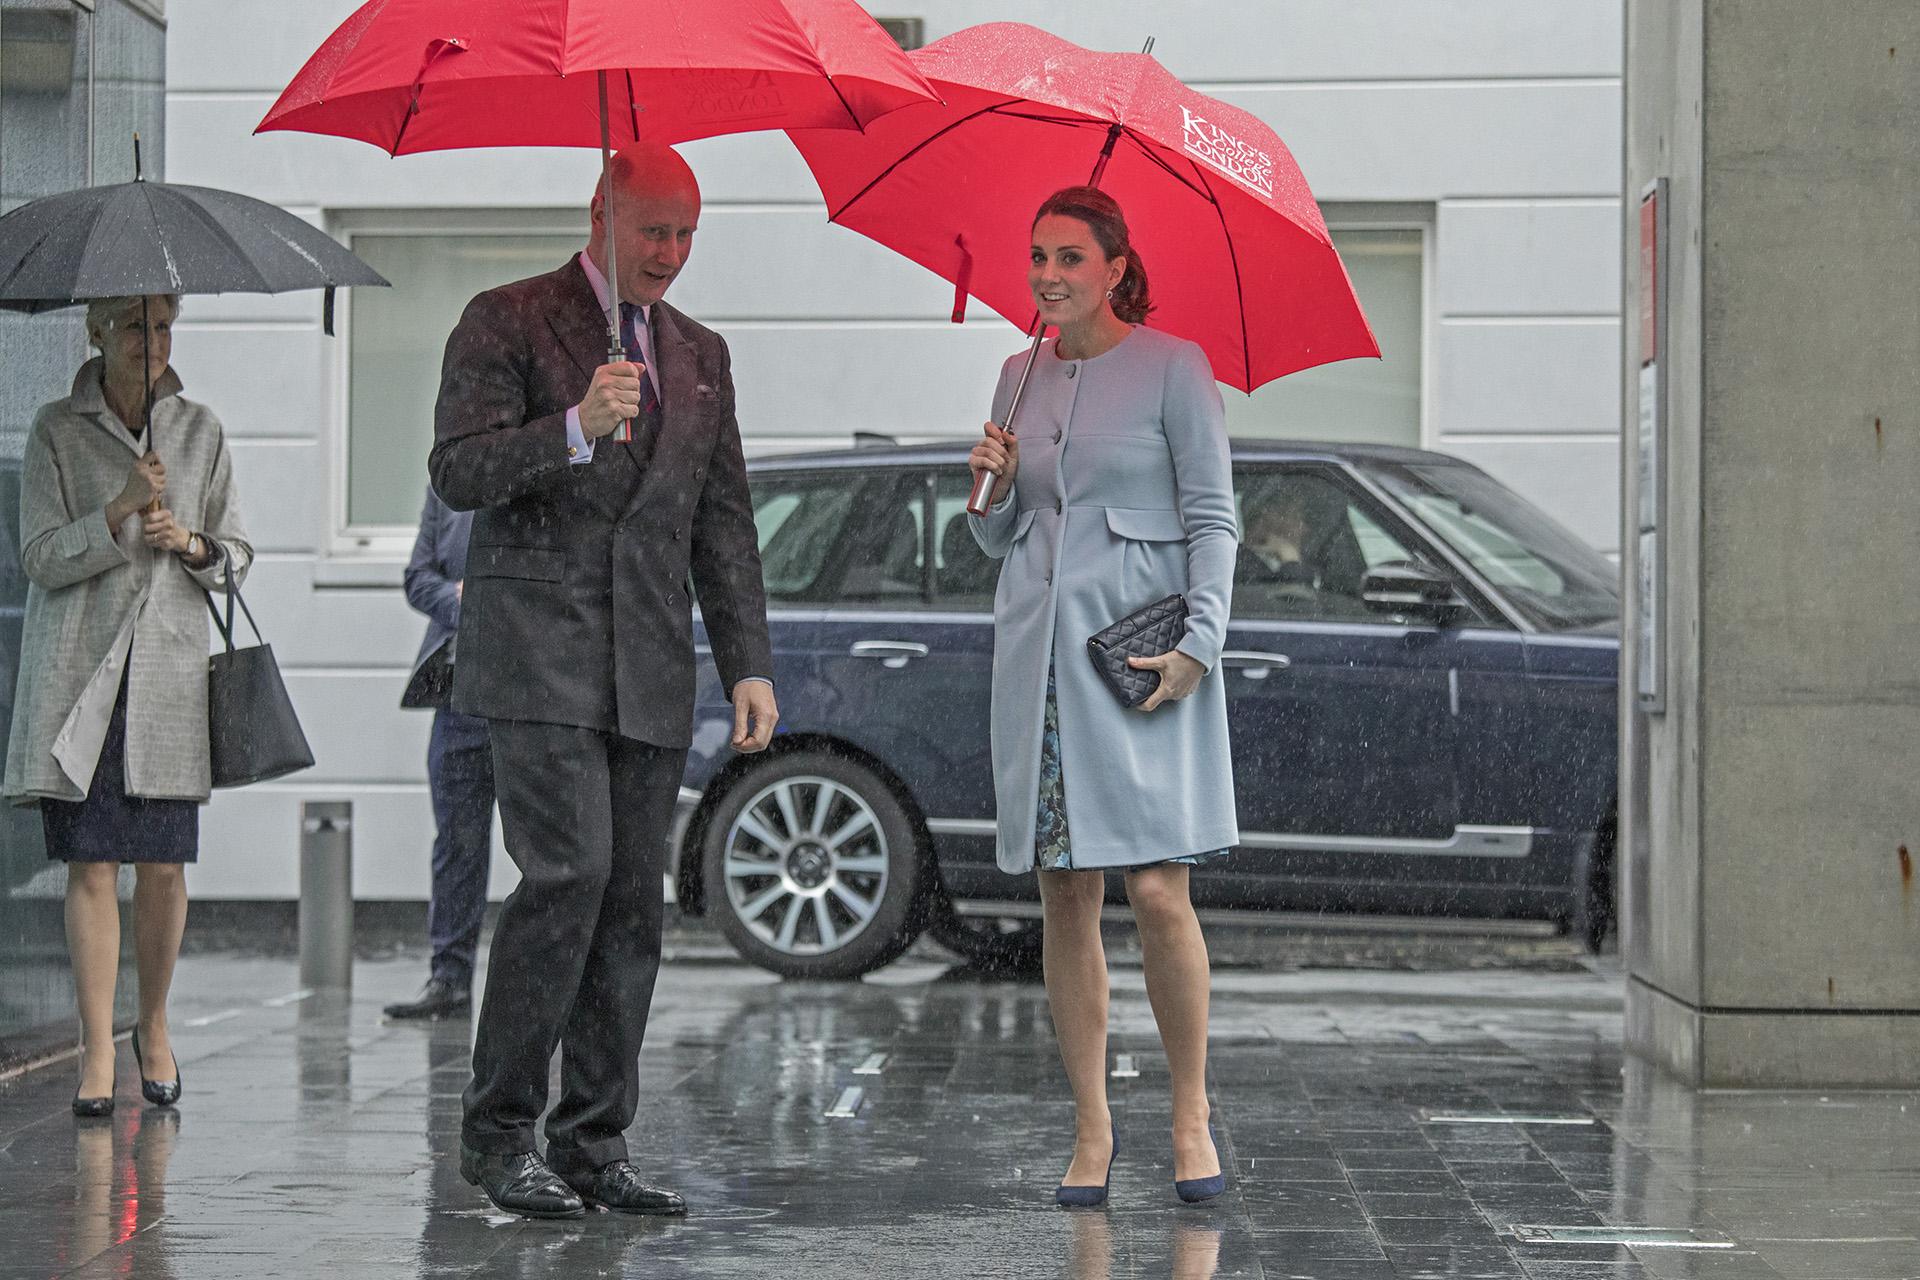 La duquesa, que anunció su embarazo en septiembre, fue recibida por el director del King's College, Christopher Geidt